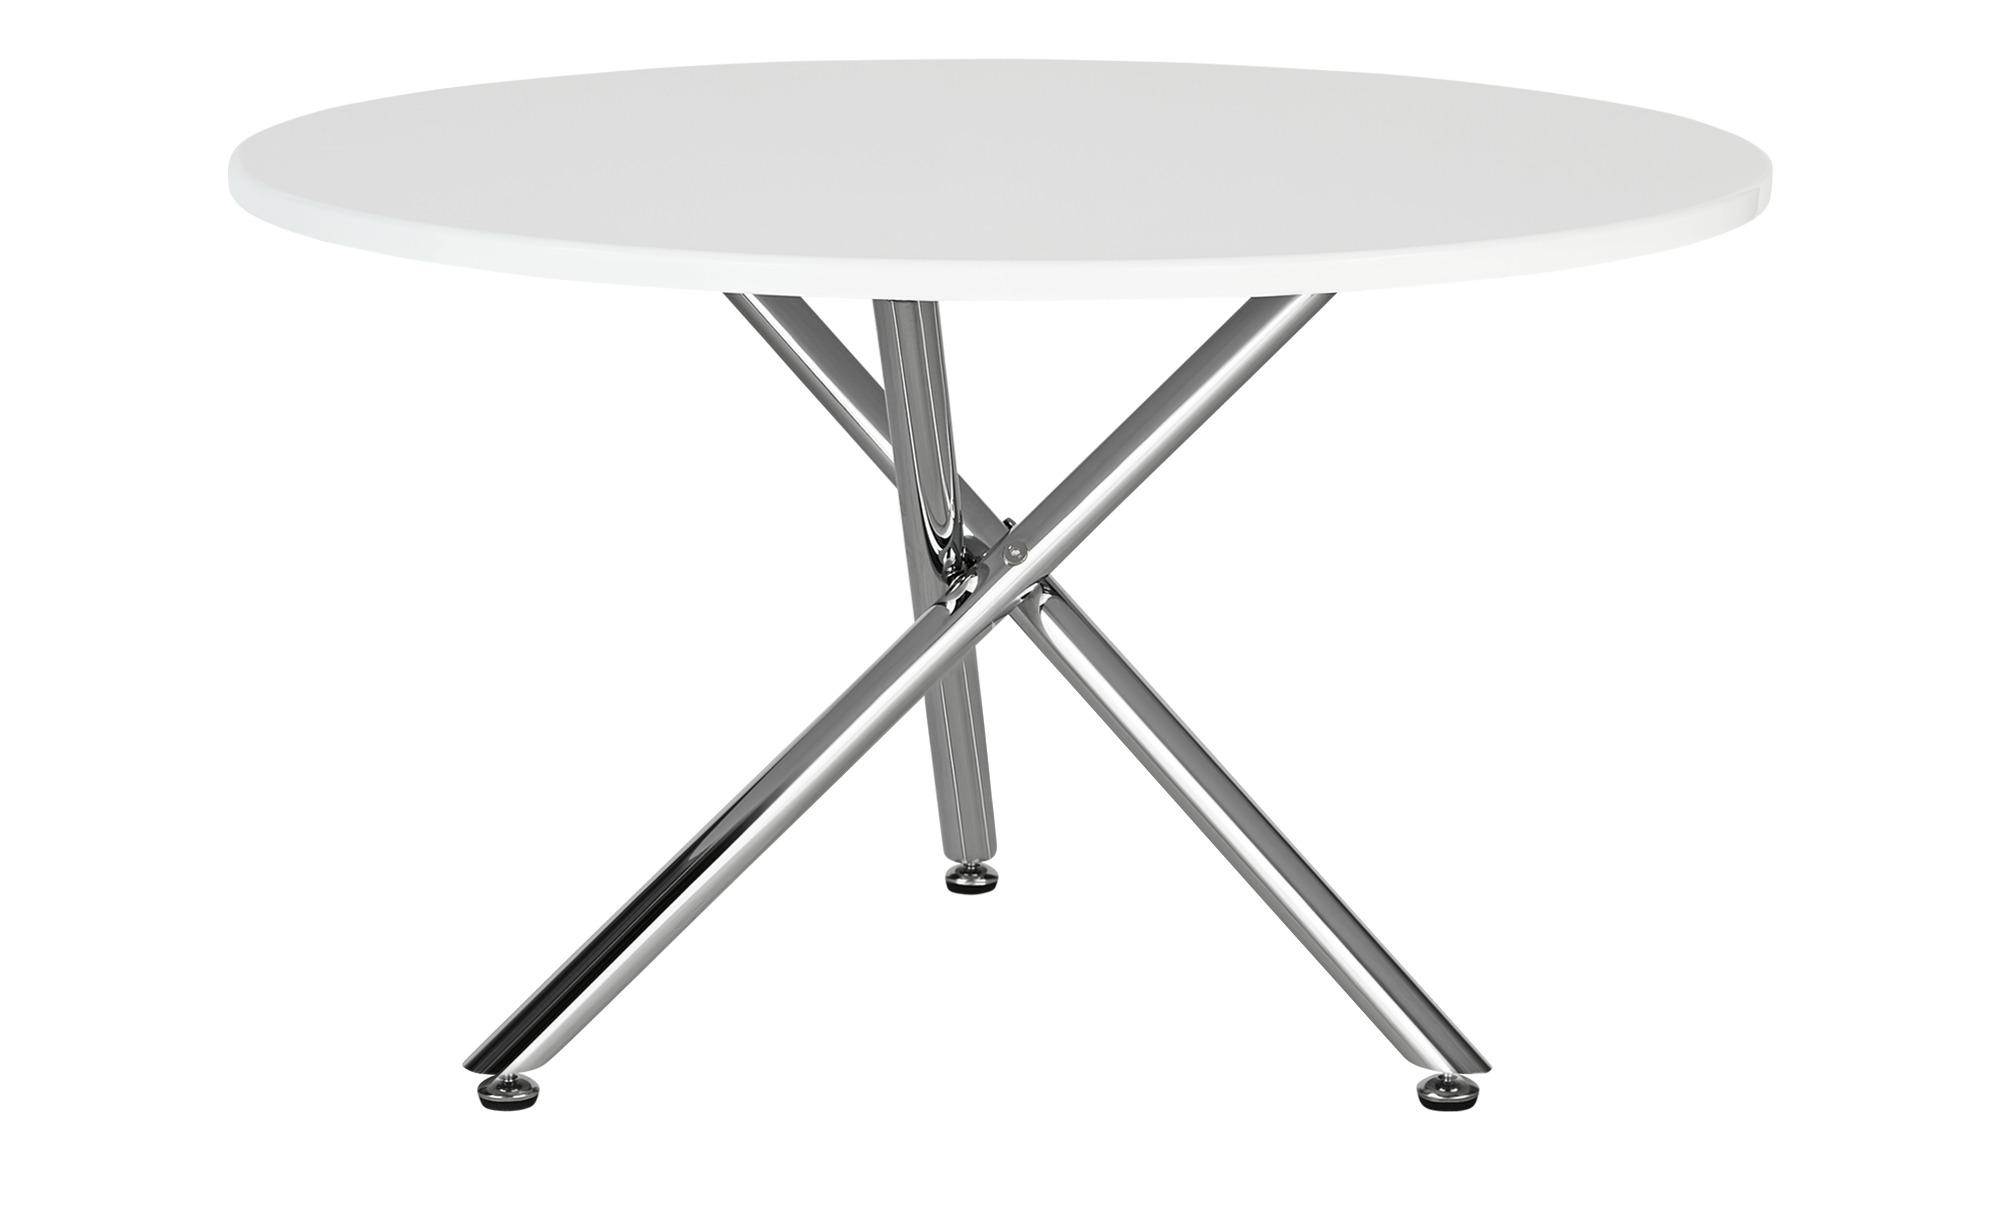 Couchtisch  Lakao ¦ Maße (cm): H: 48 Ø: 80 Tische > Couchtische > Couchtische rund - Höffner